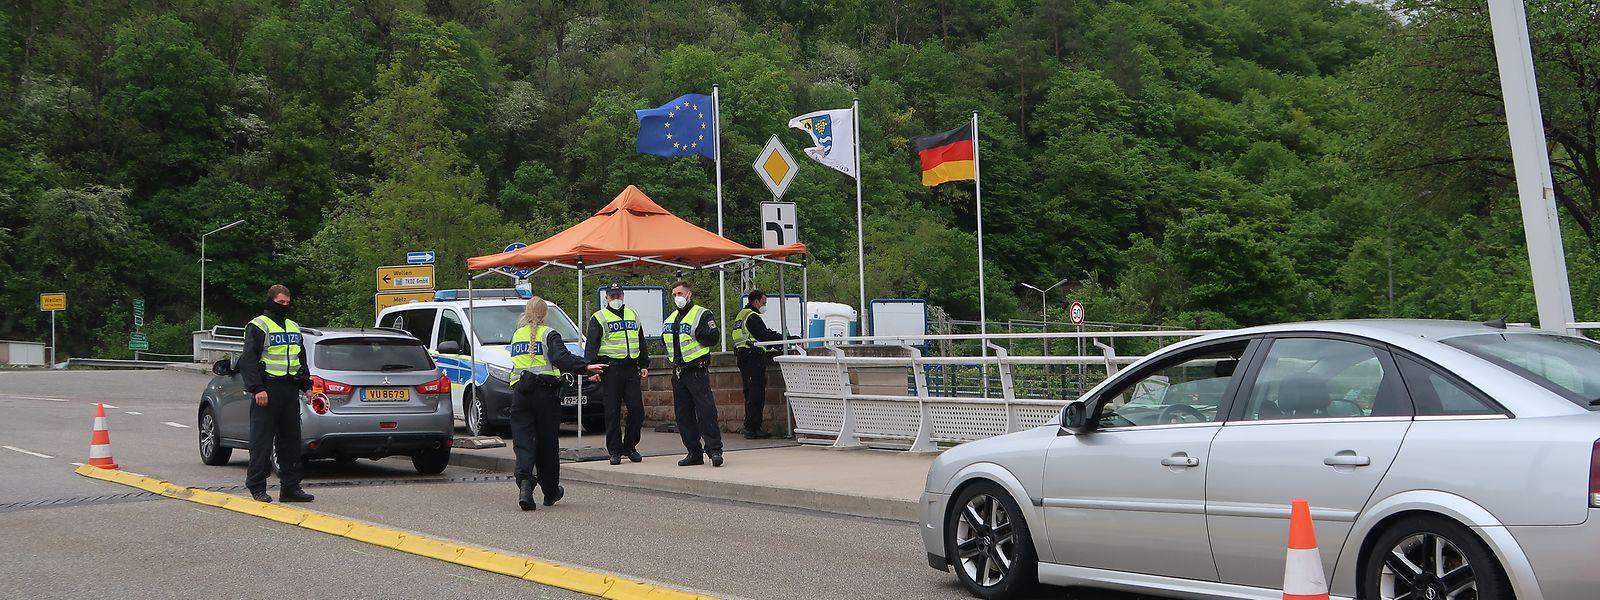 Nach dem Schock einseitiger deutscher Grenzkontrollen im Frühjahr wurde die Corona-Abstimmung in der Großregion besser, wie Gesprächspartner versichern.